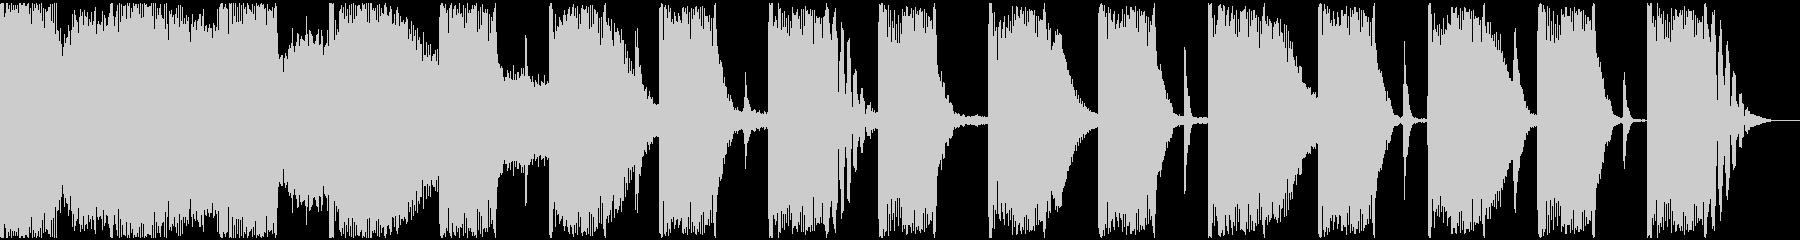 【エレクトロニカ】ロング2、ショート1の未再生の波形